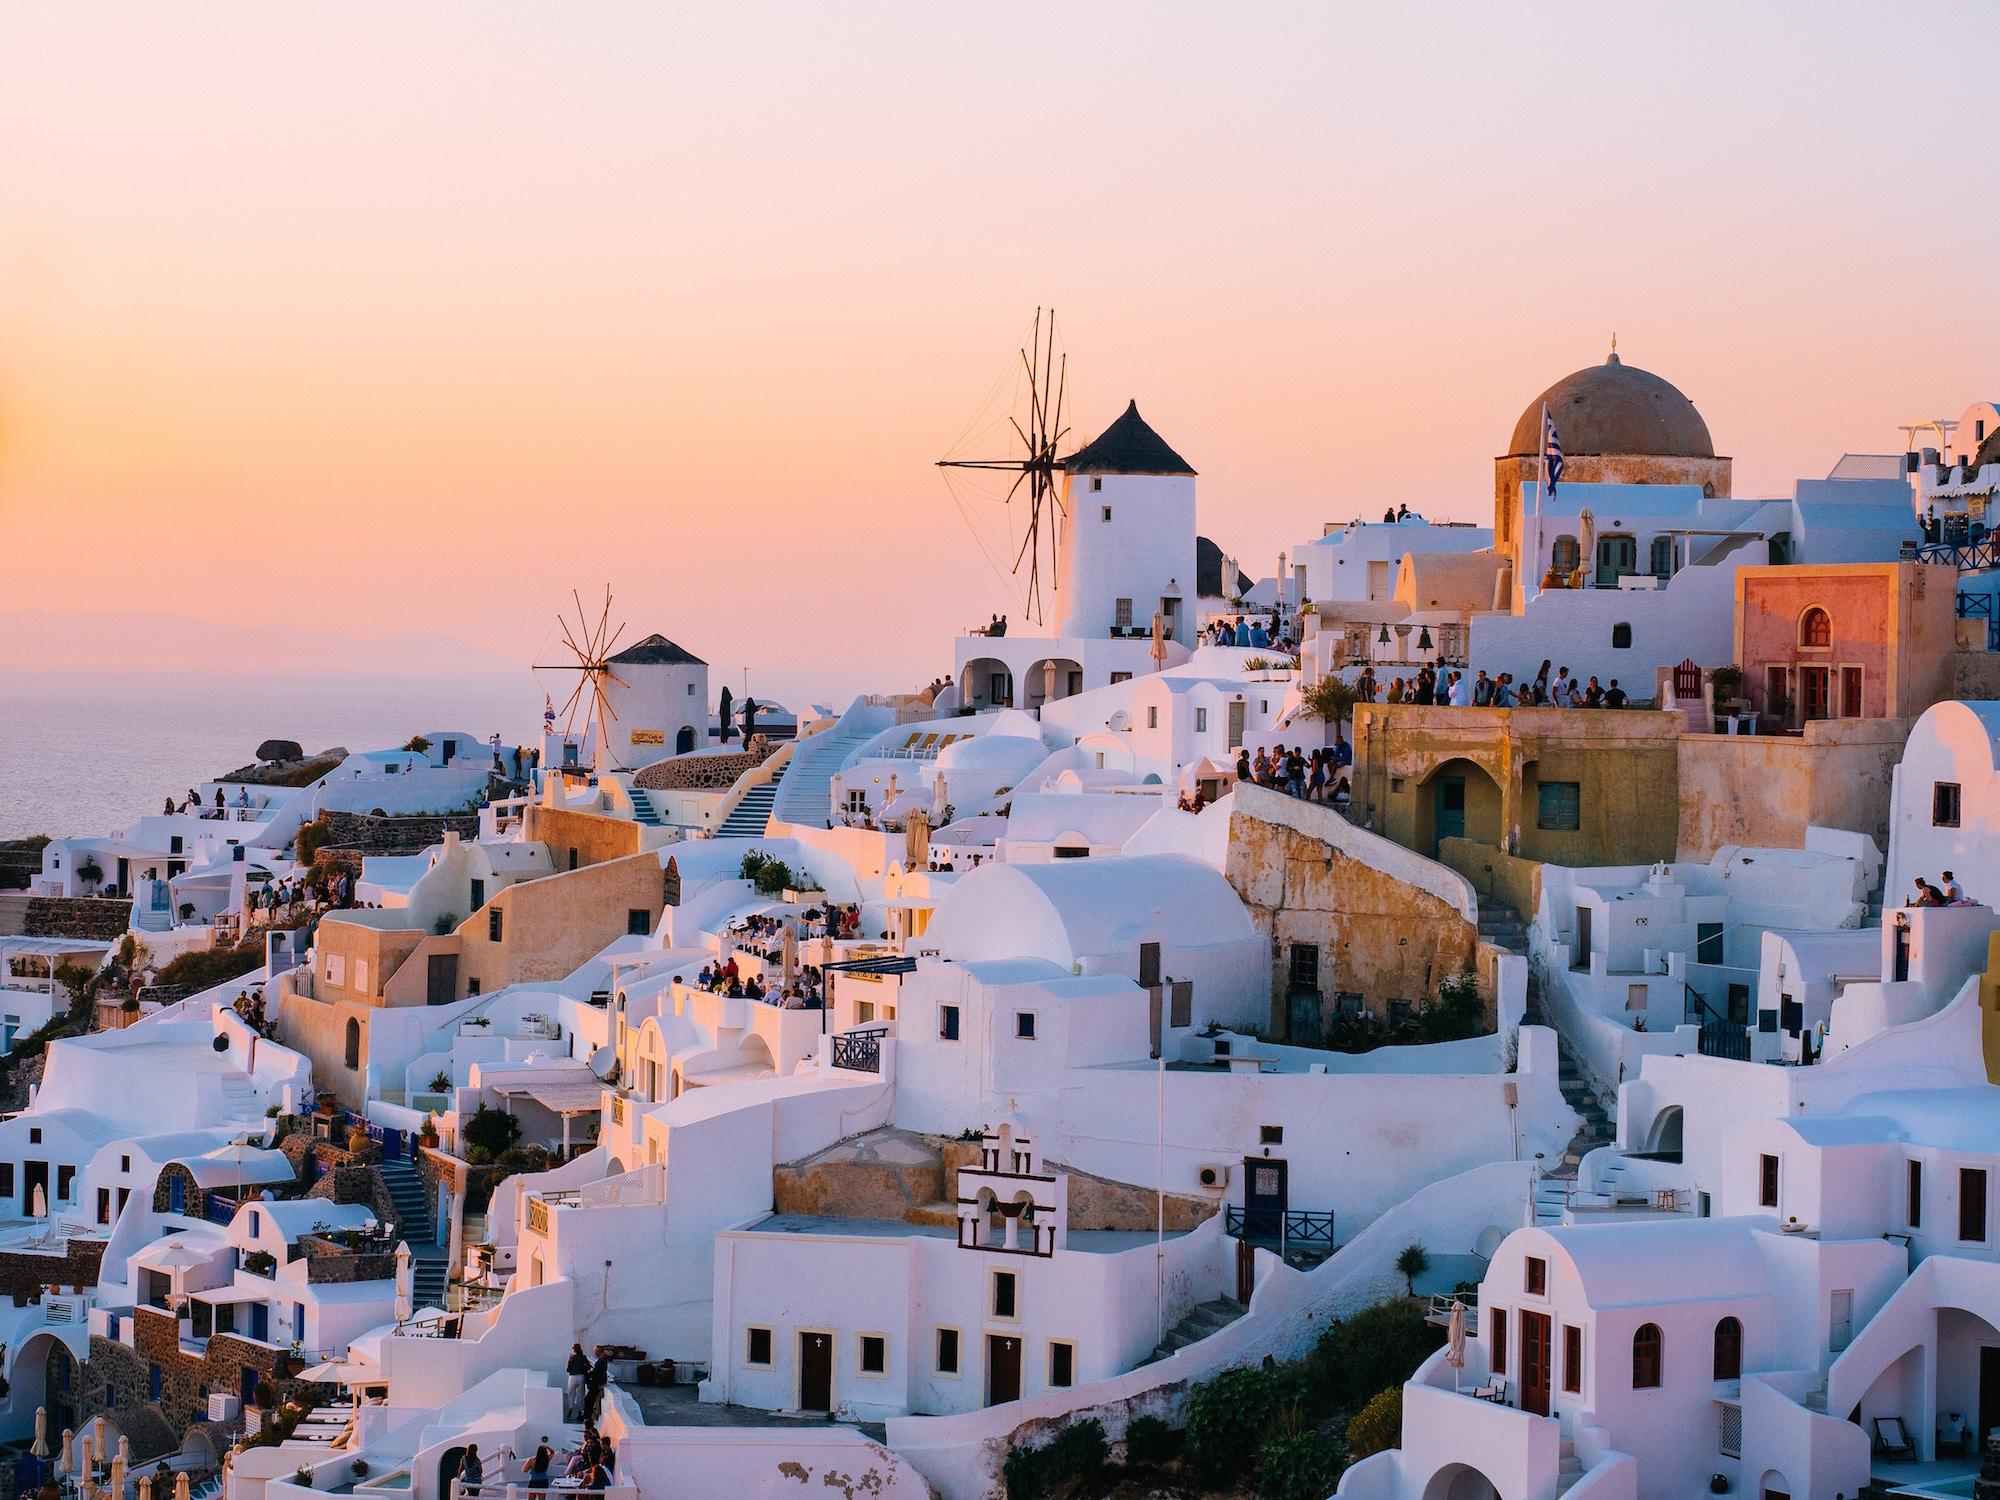 Dichtbij op vakantie: de mooiste eilanden van Europa